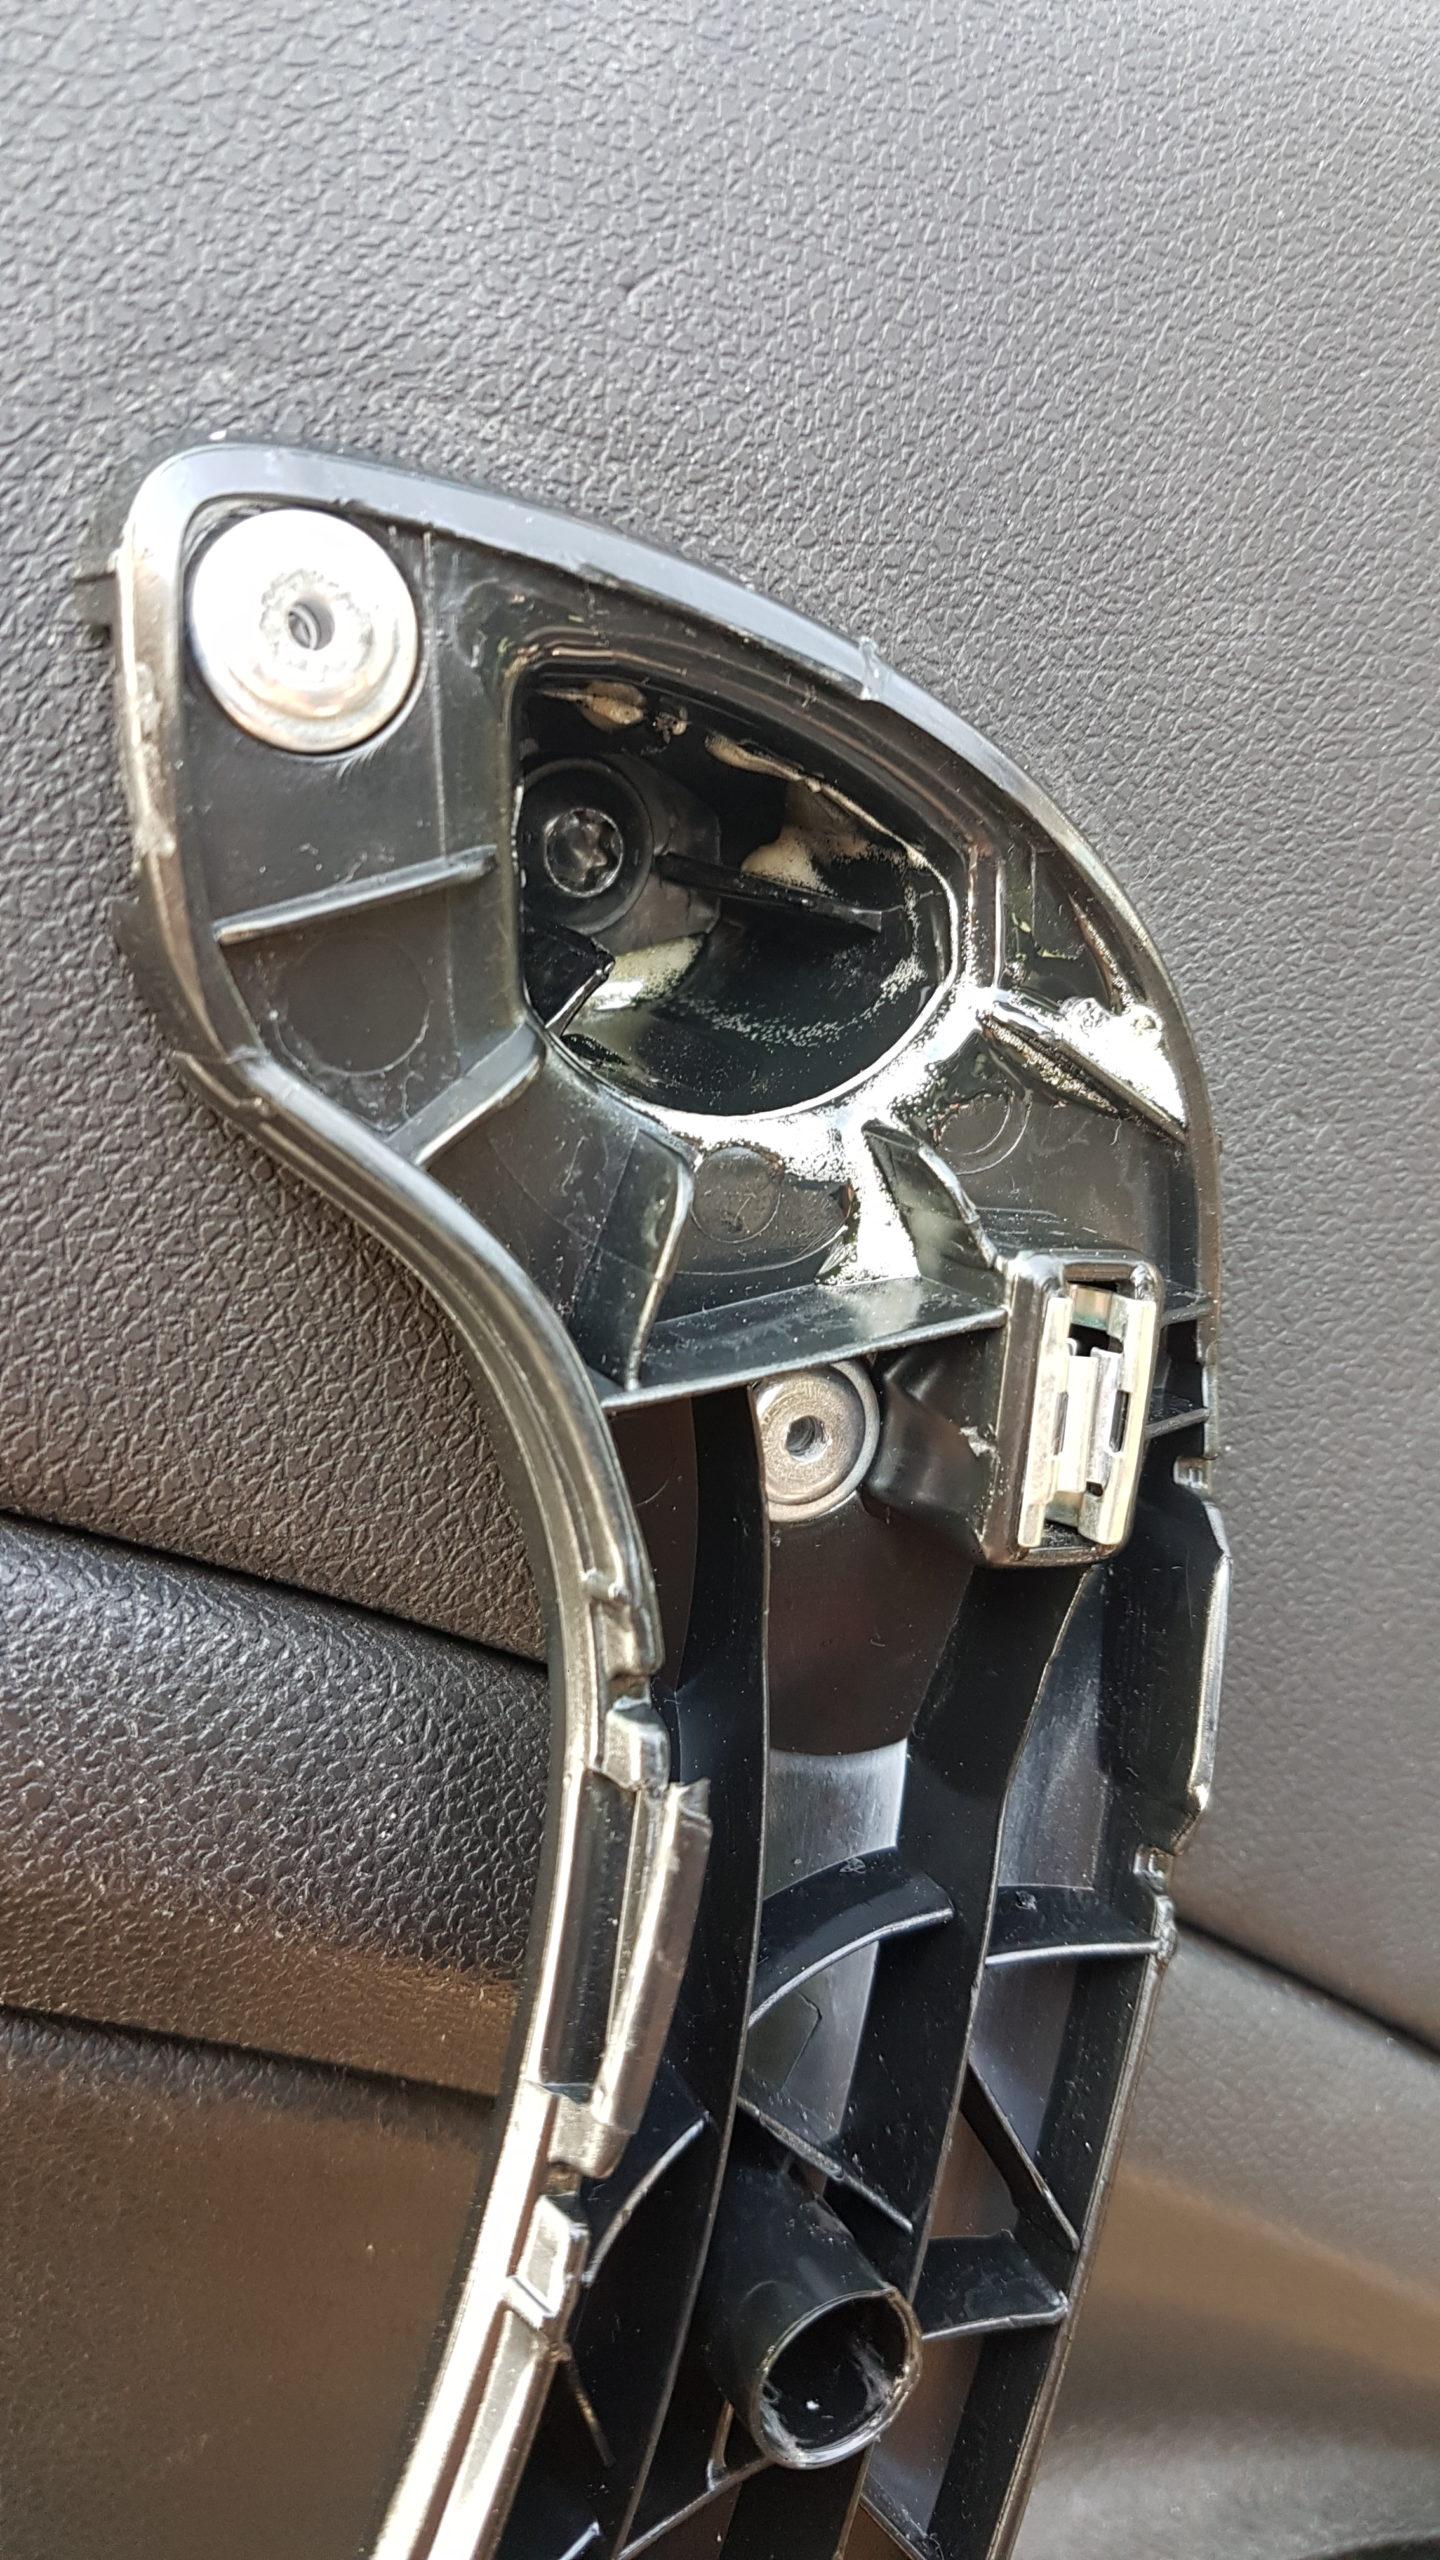 Afgebroken deurgreep Renault Megane 3 gerepareerd met Bison constructielijm en popnagels